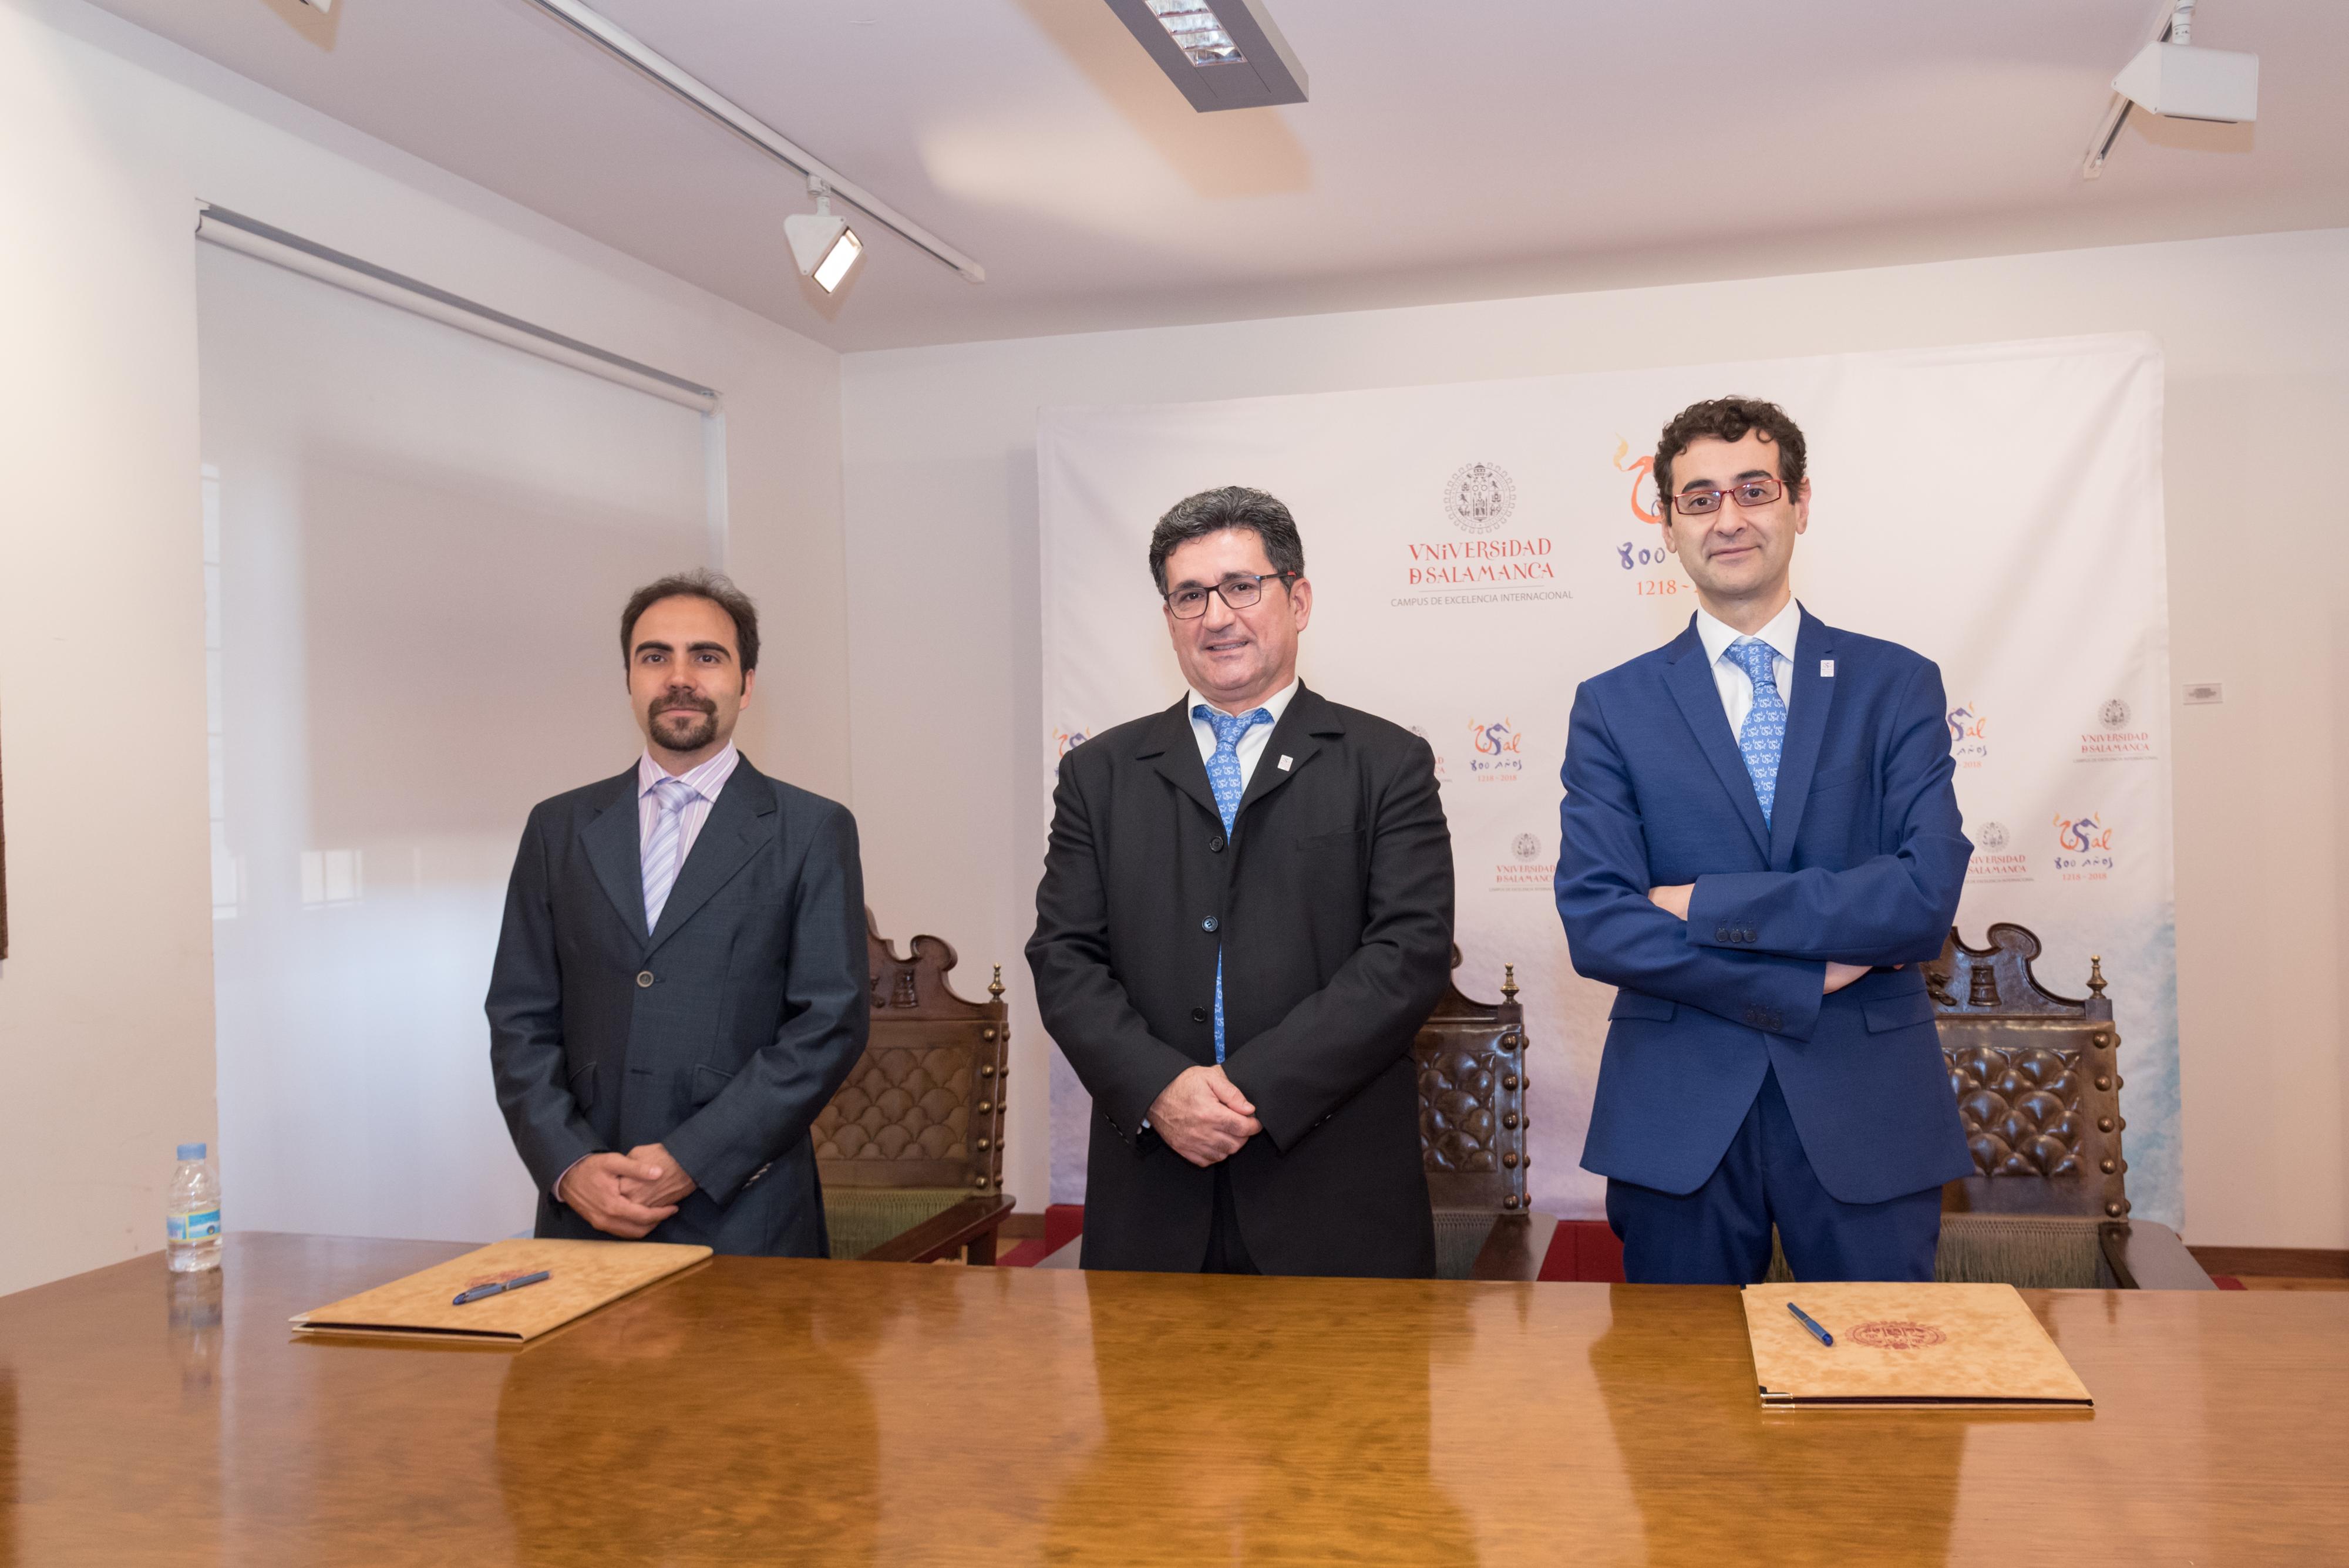 Las Escuelas de Lengua Española de la Universidad de Salamanca continúan su expansión internacional con un nuevo centro en Brasil